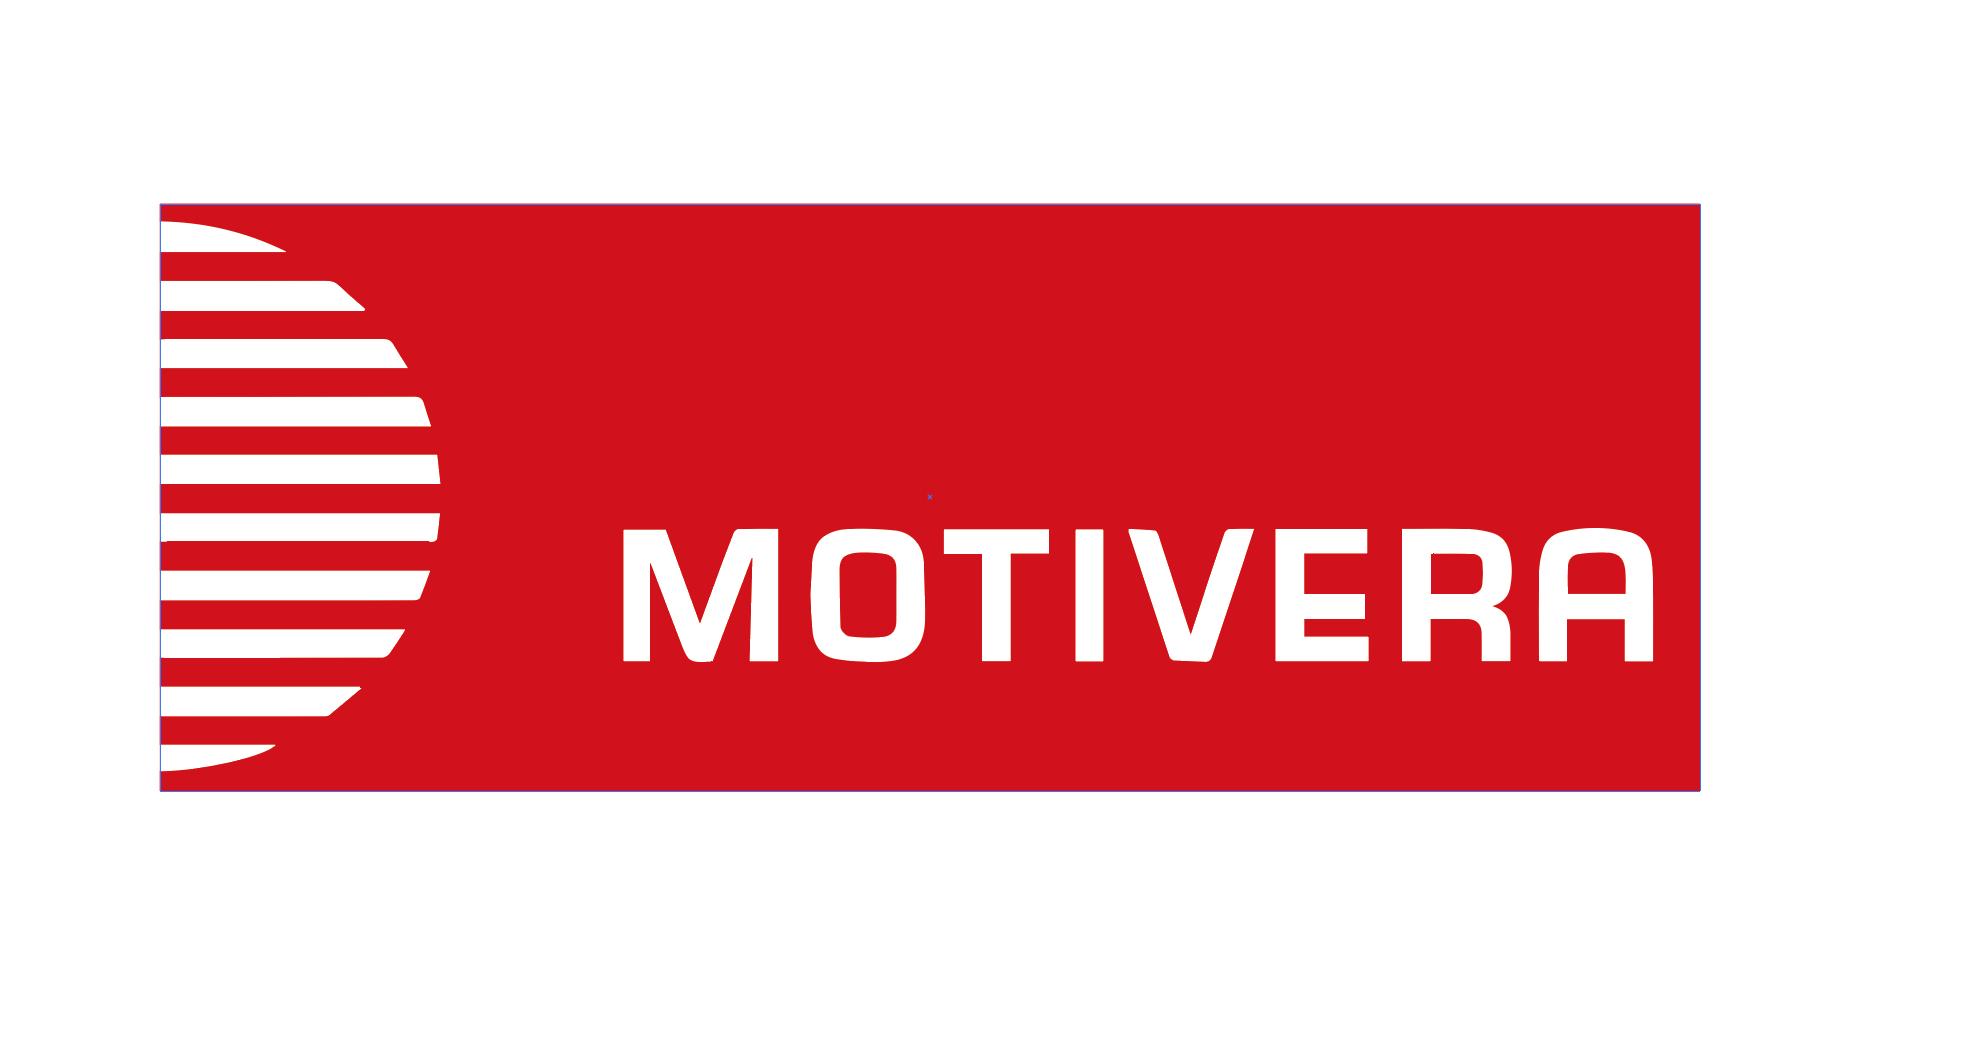 Motivera